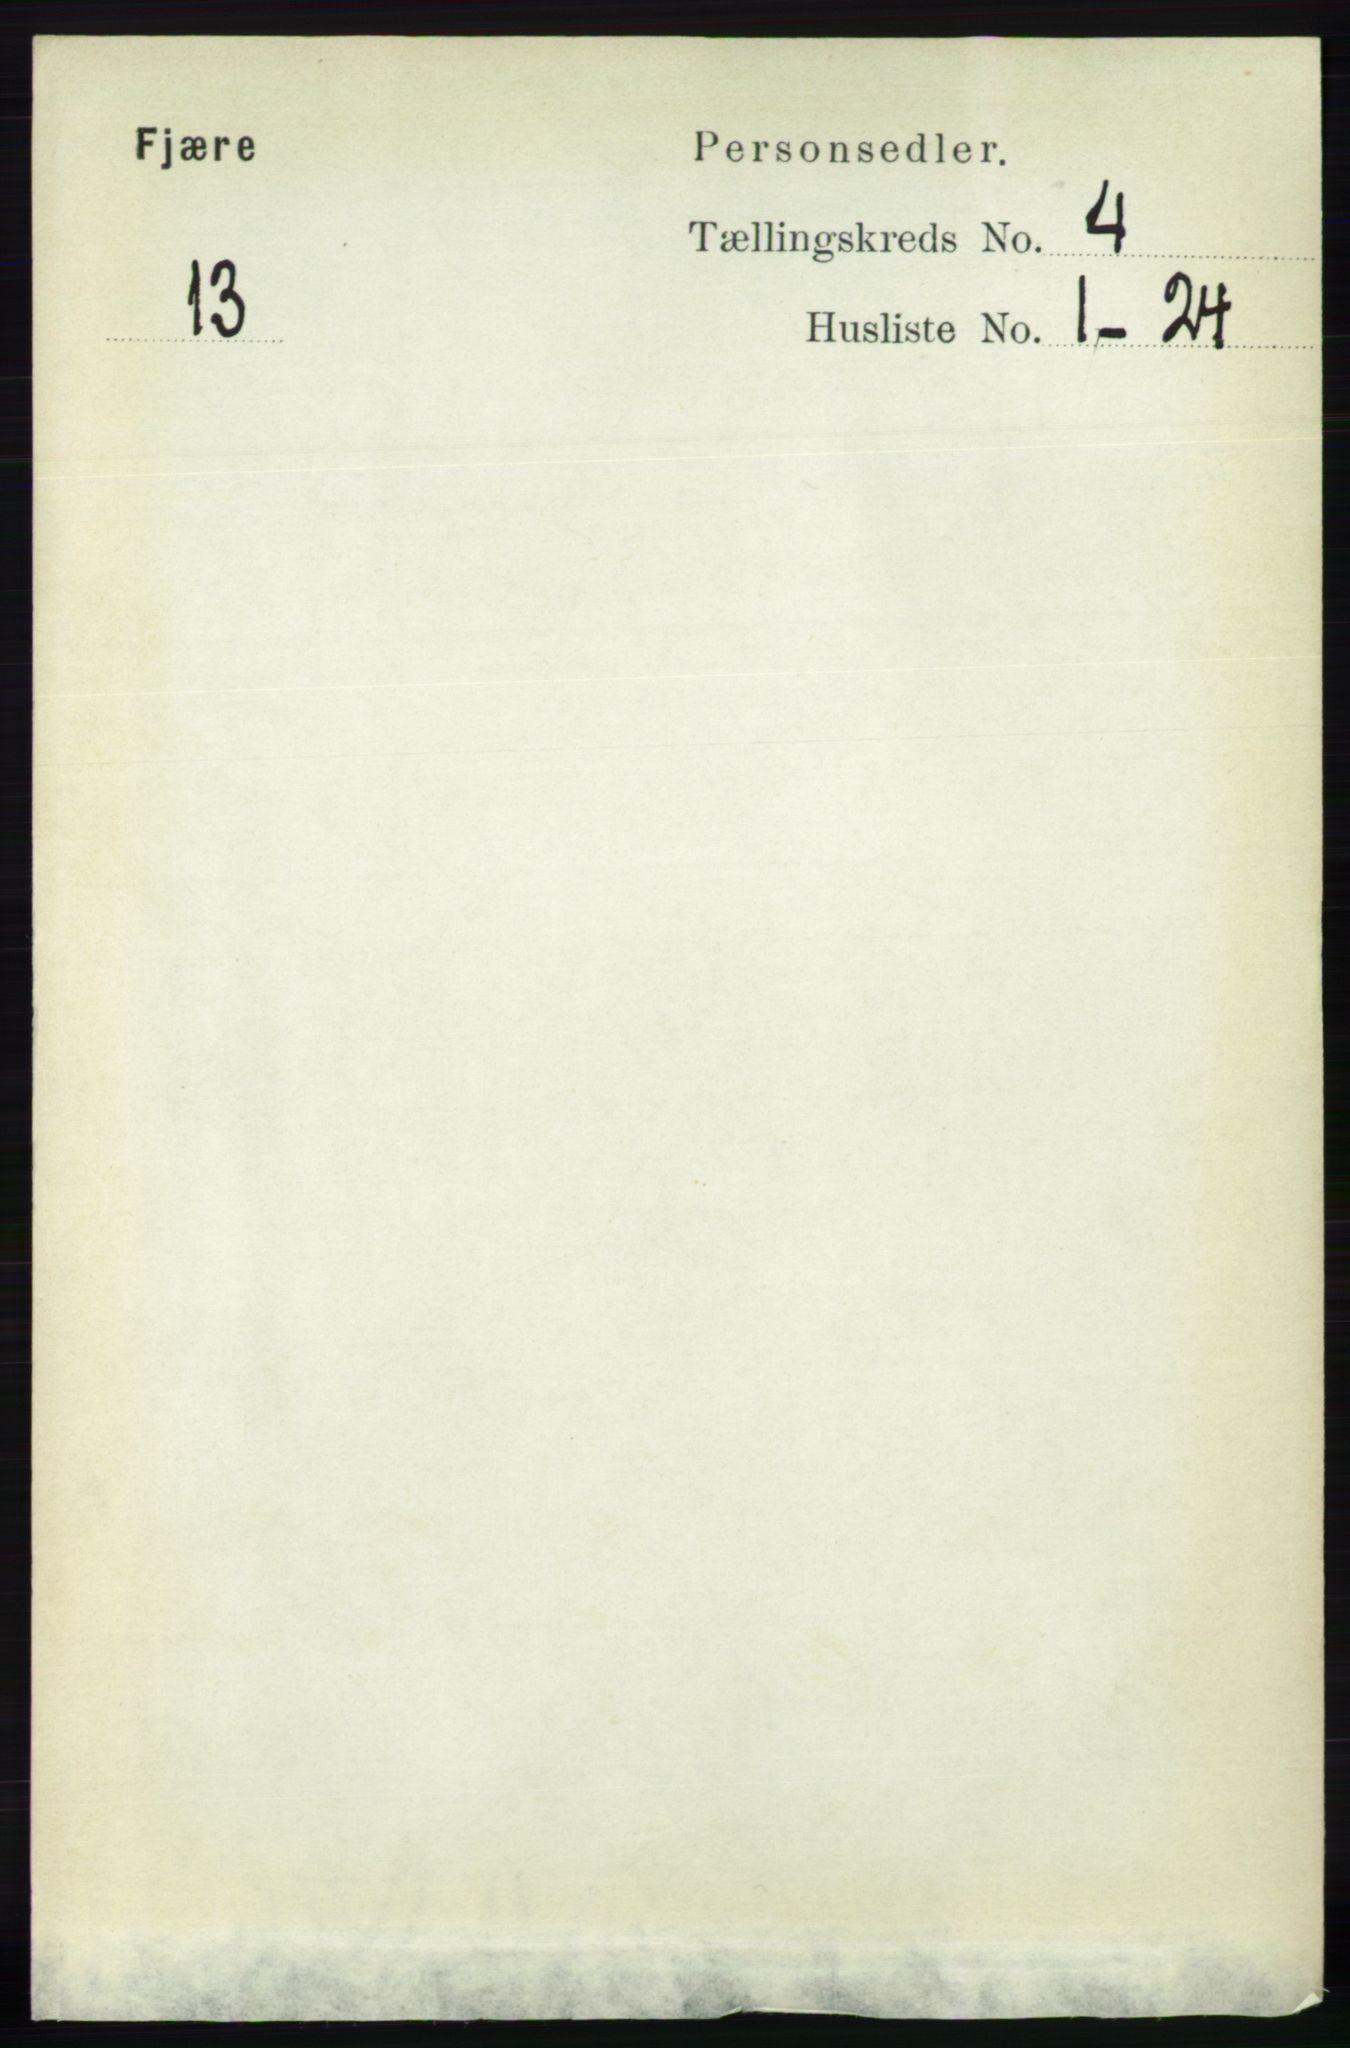 RA, Folketelling 1891 for 0923 Fjære herred, 1891, s. 1861